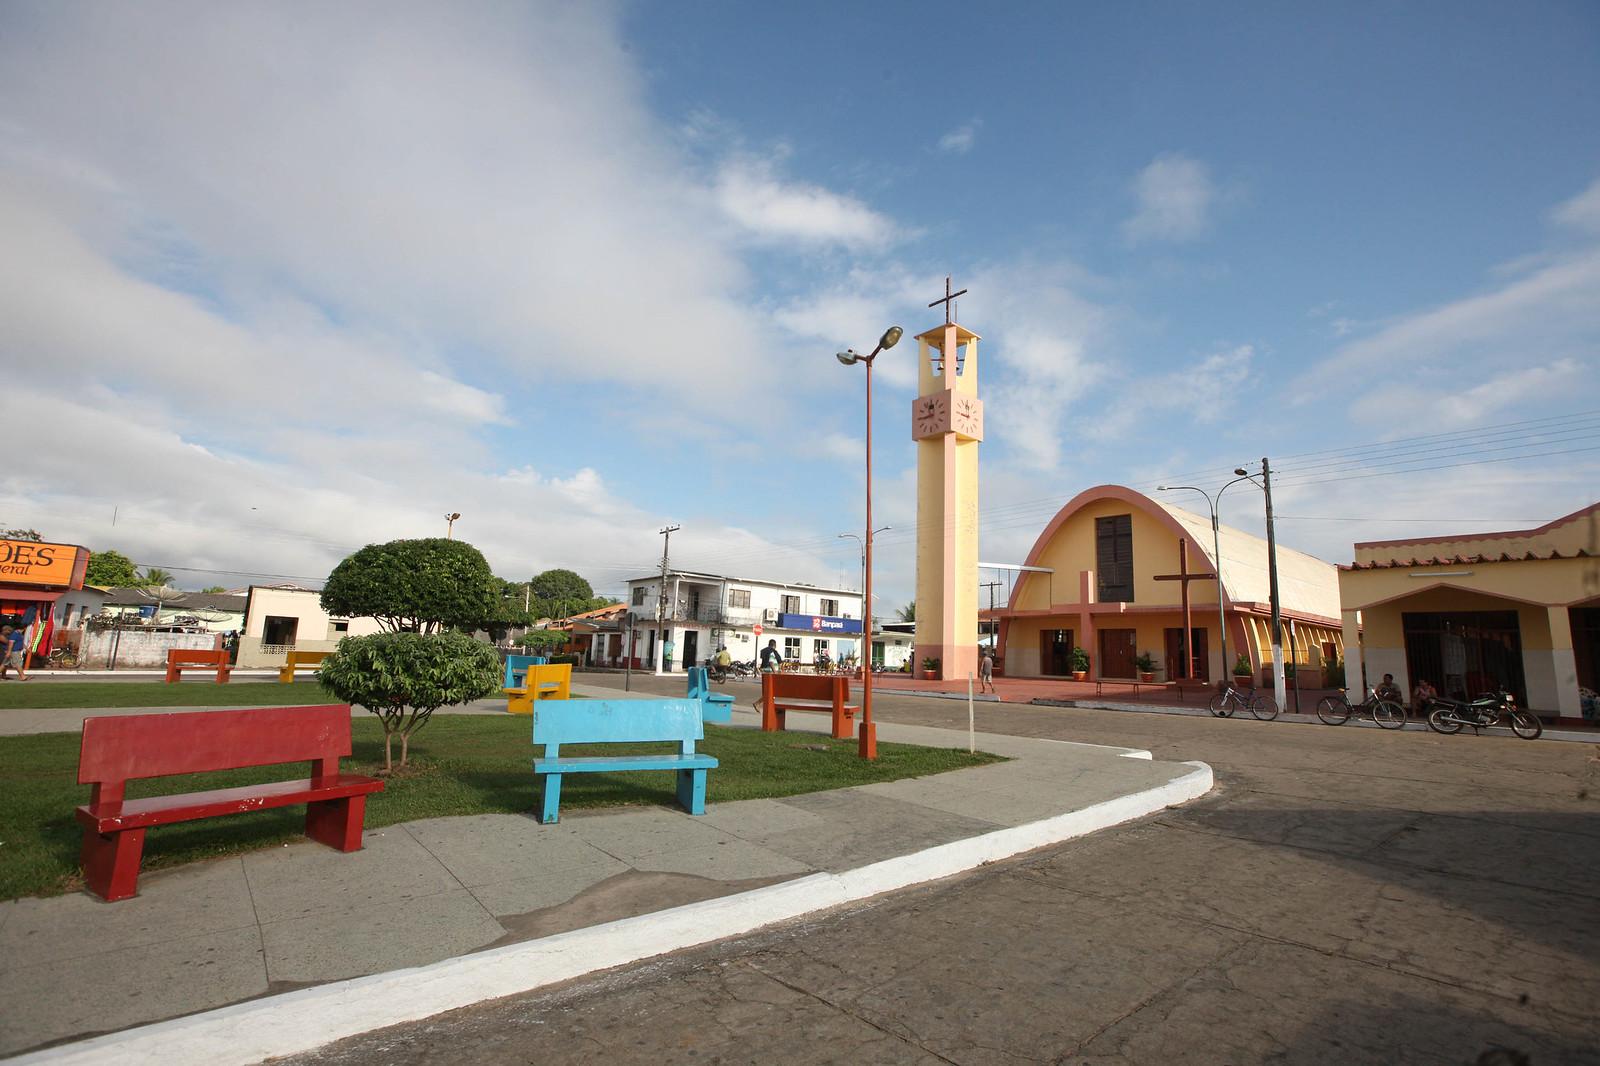 10 obras tocadas em Terra Santa com recursos dos royalties da bauxita, Terra Santa, oeste do Pará